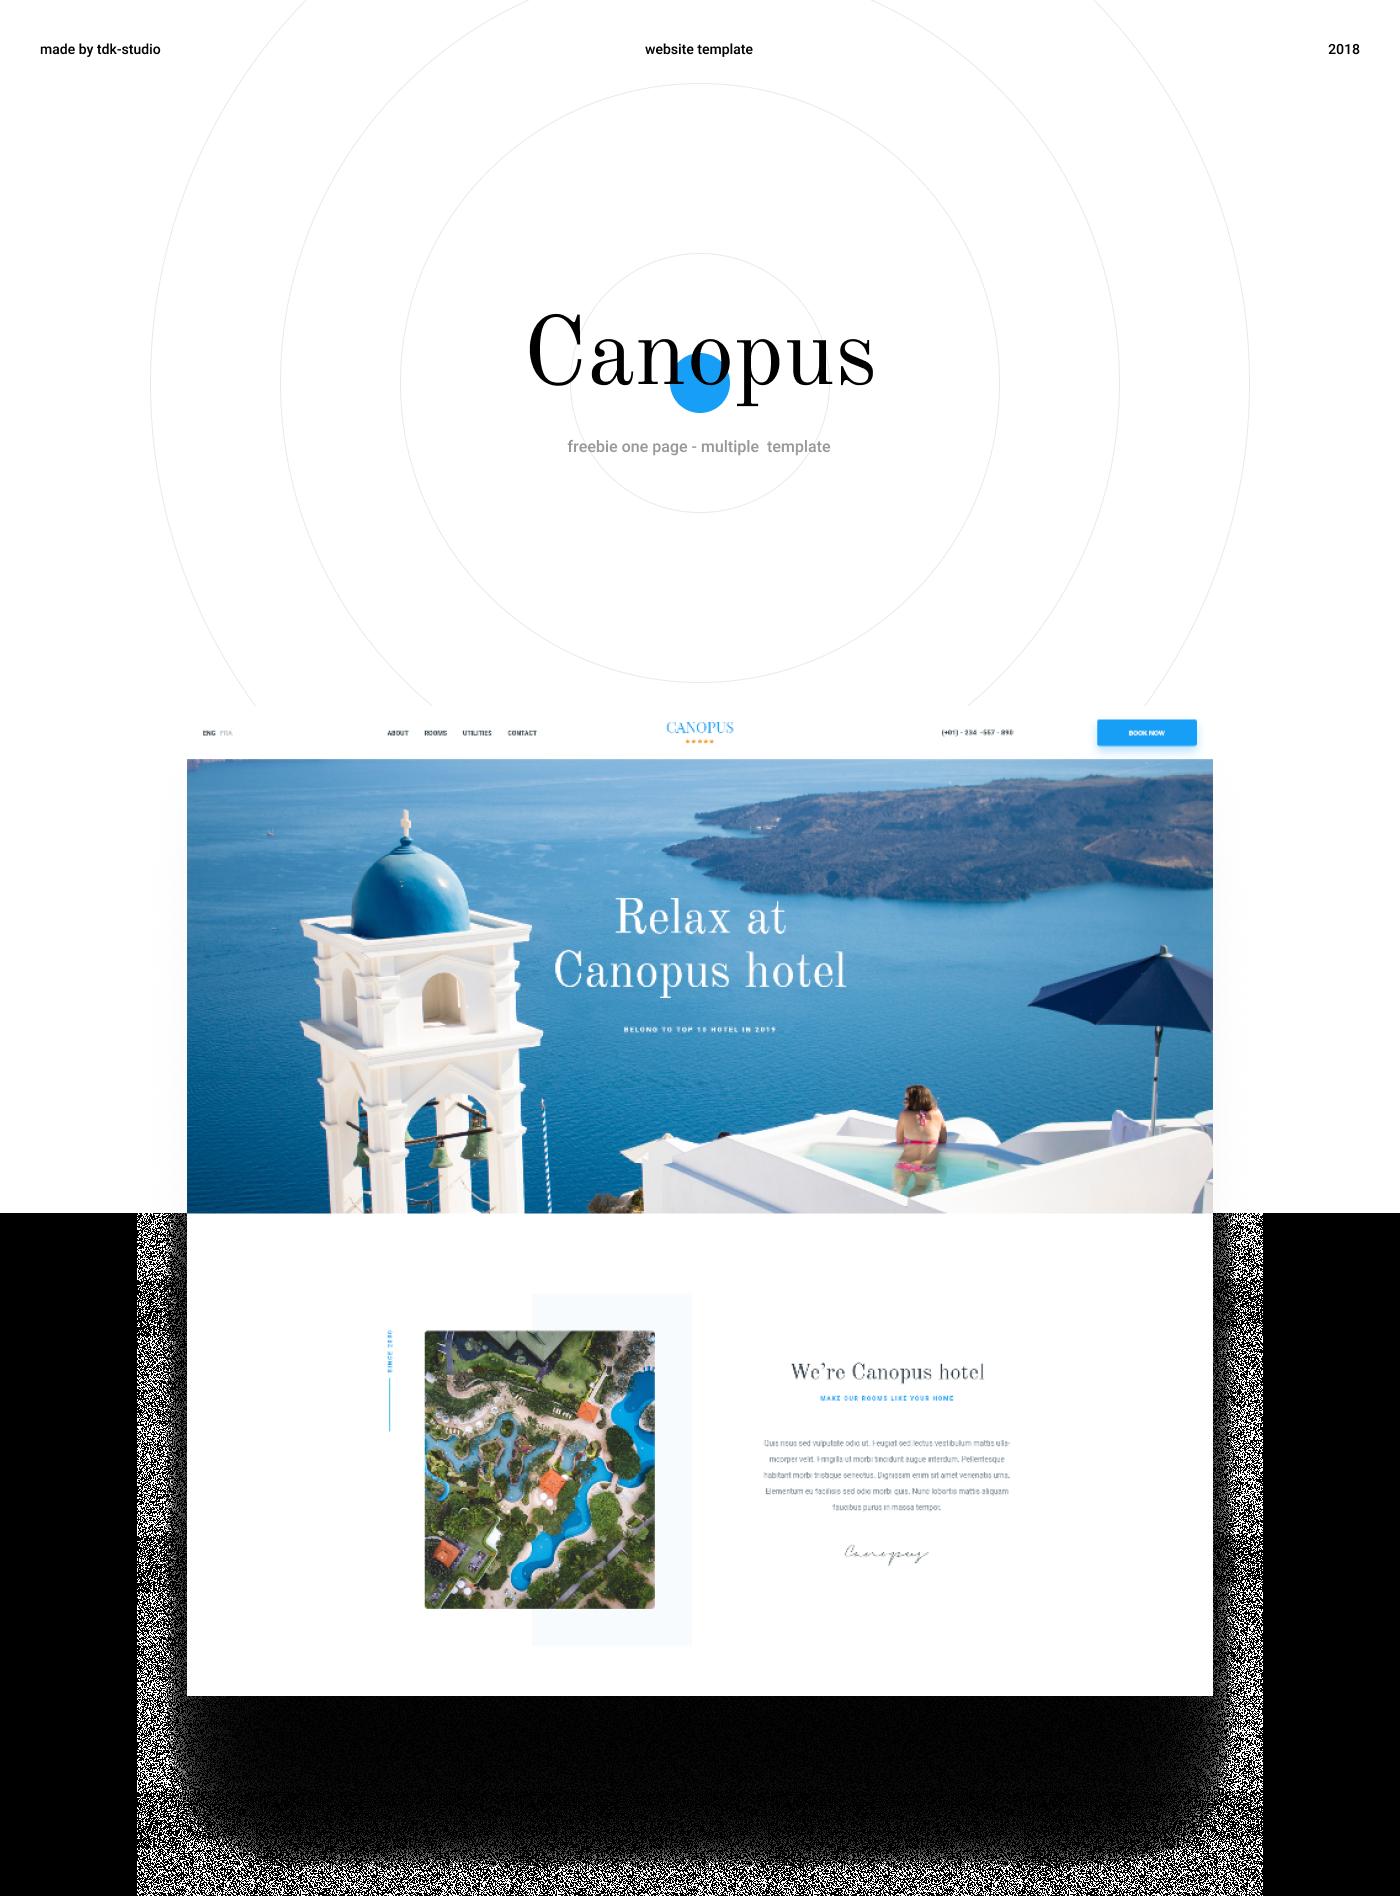 Canopus - Freebie psd template